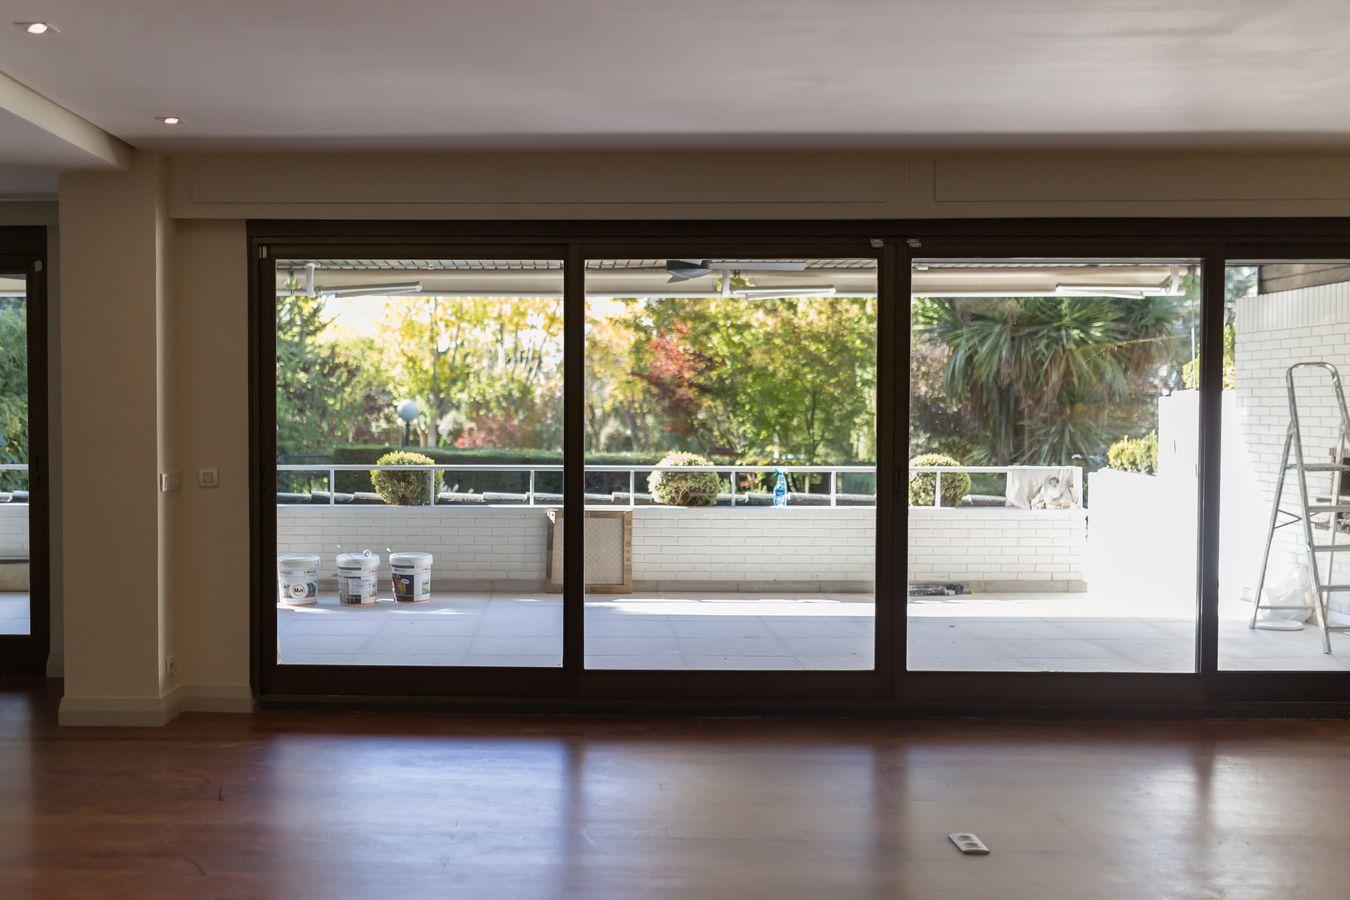 Reforma Integral Casa Soto de la Moraleja - Detalle Ventanal del Salón